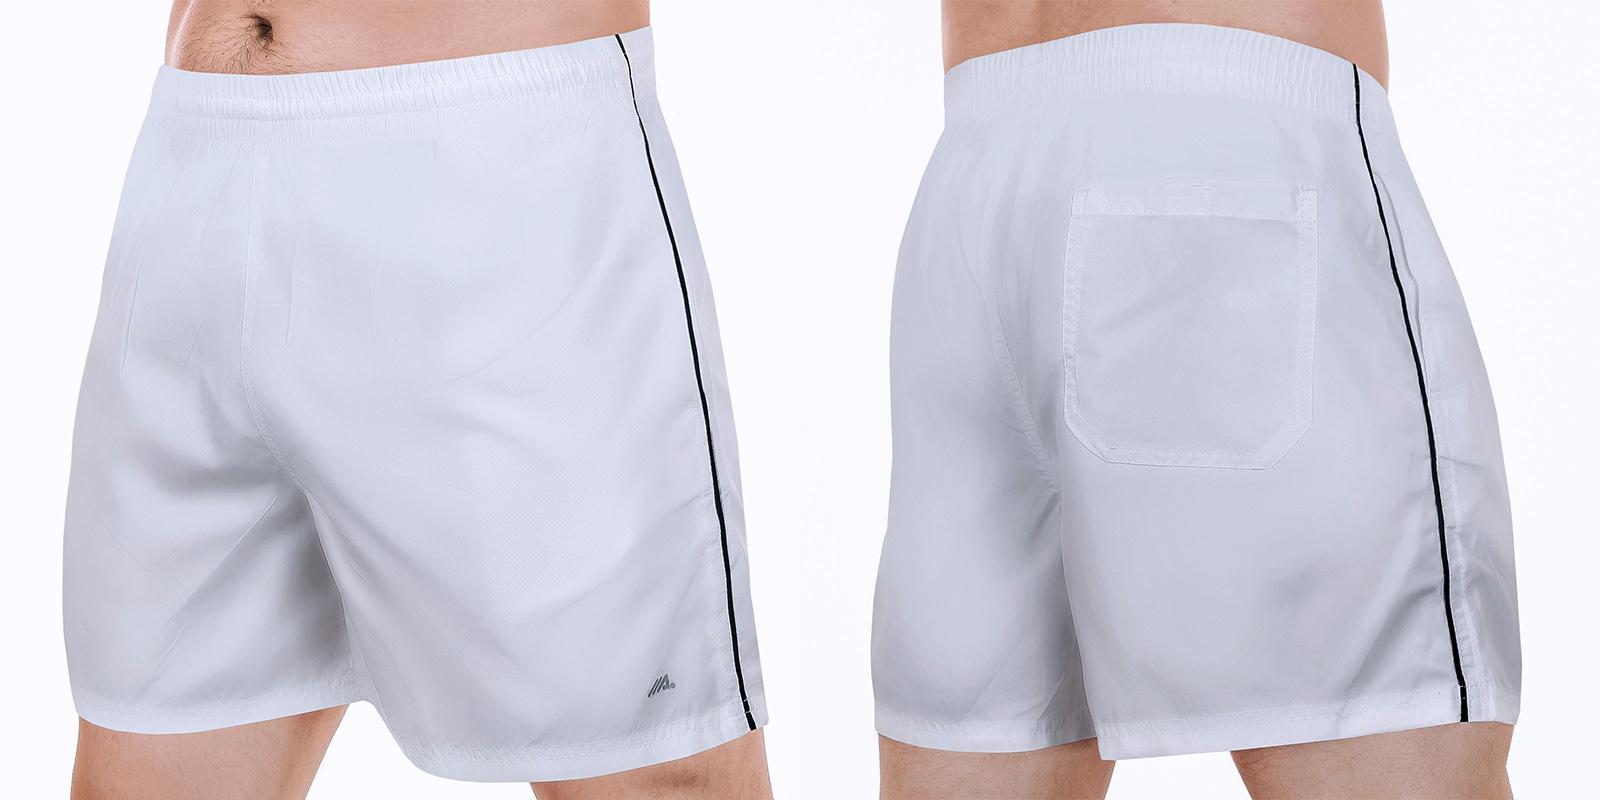 Заказать мужские белые шорты от MACE всегда в моде, точняк девушки оценят